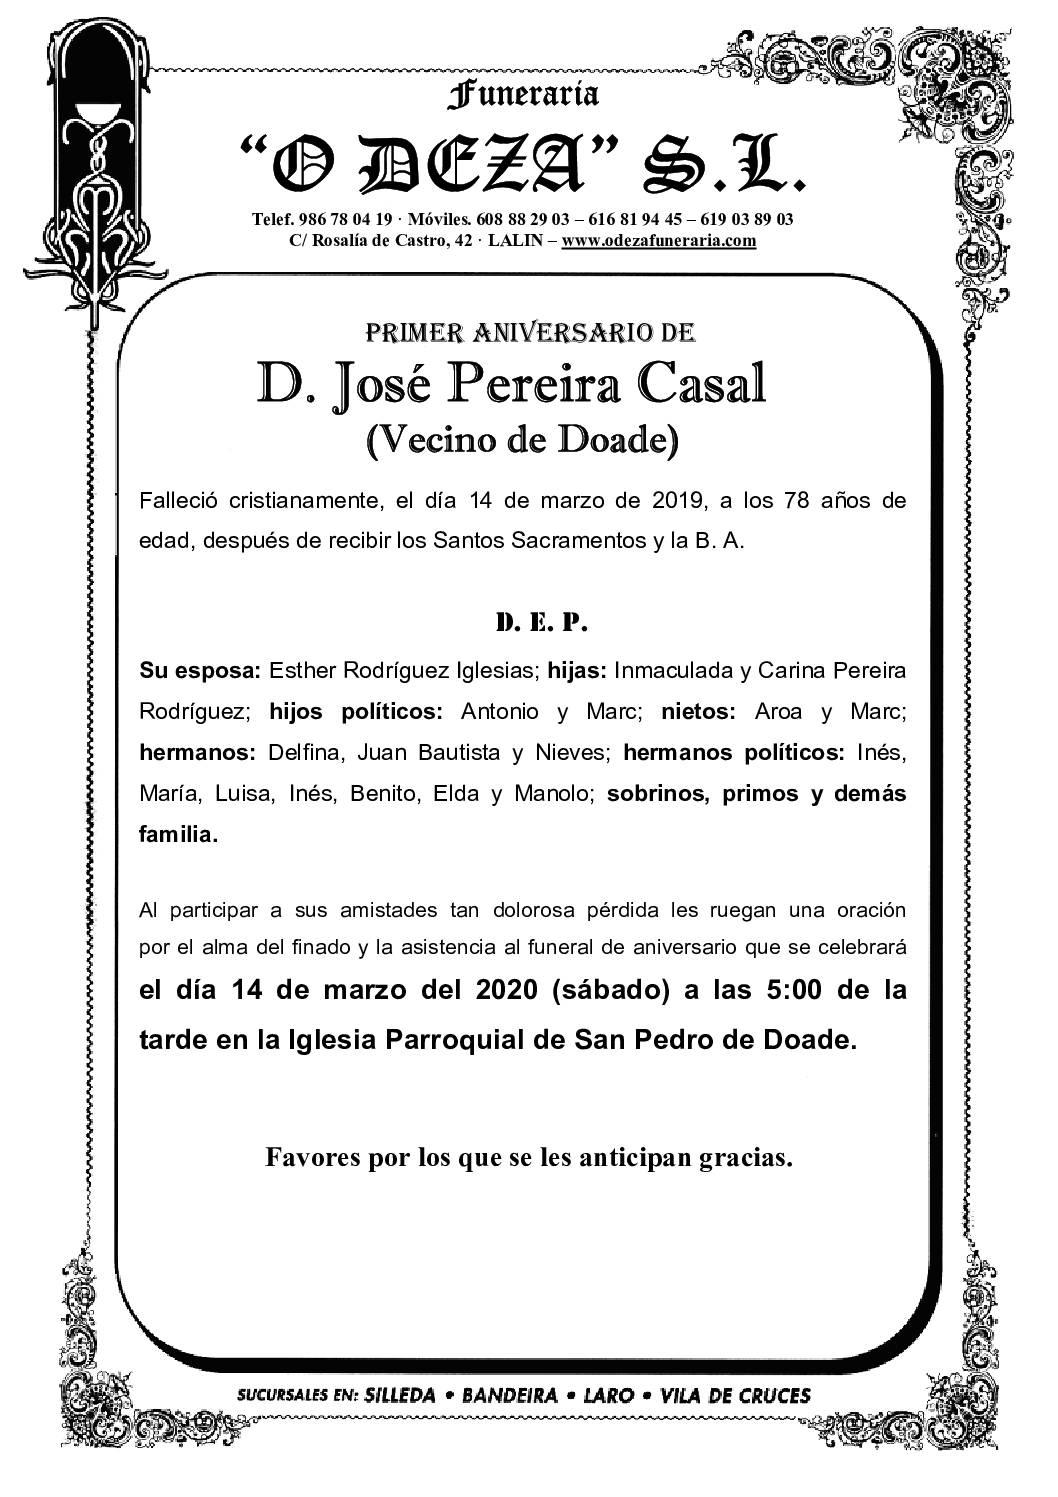 D. JOSÉ PEREIRA CASAL